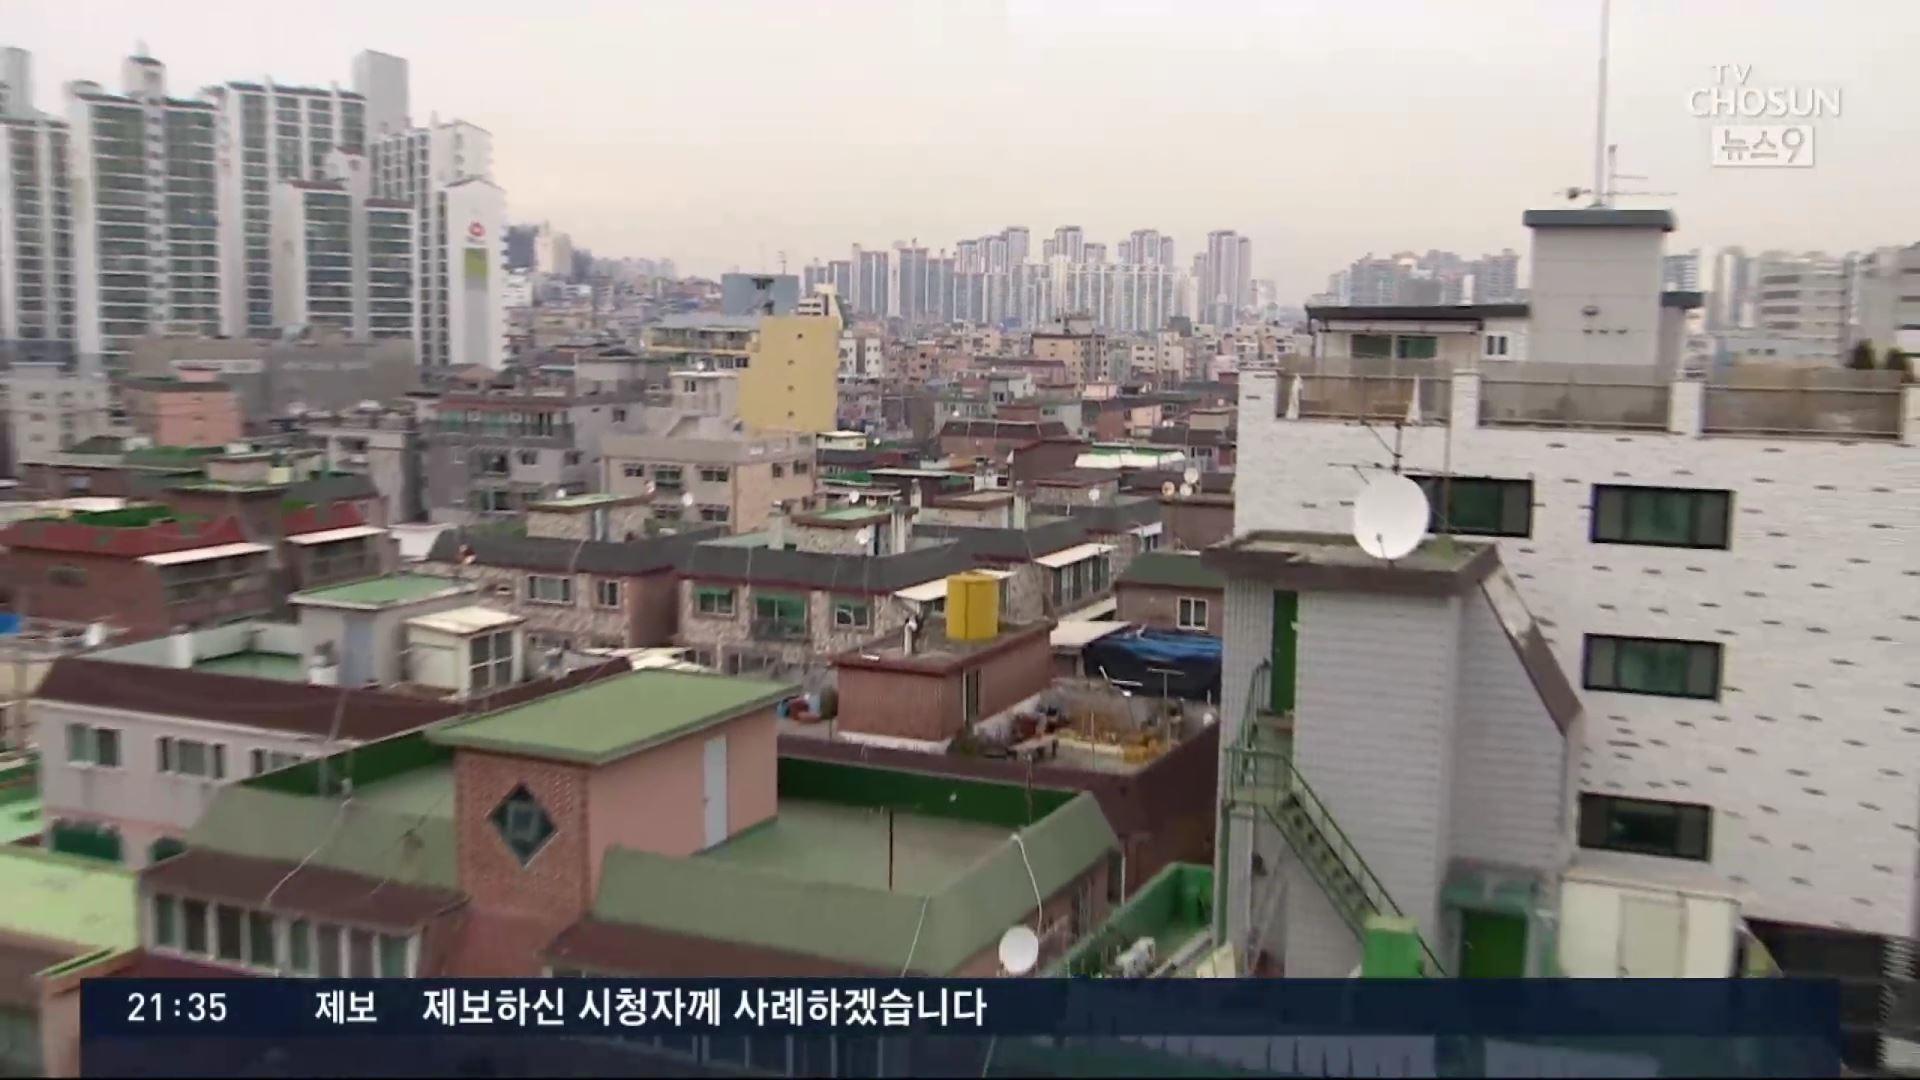 신도시 옆 뉴타운 '토지거래 허가지역'…재산권 제한 논란